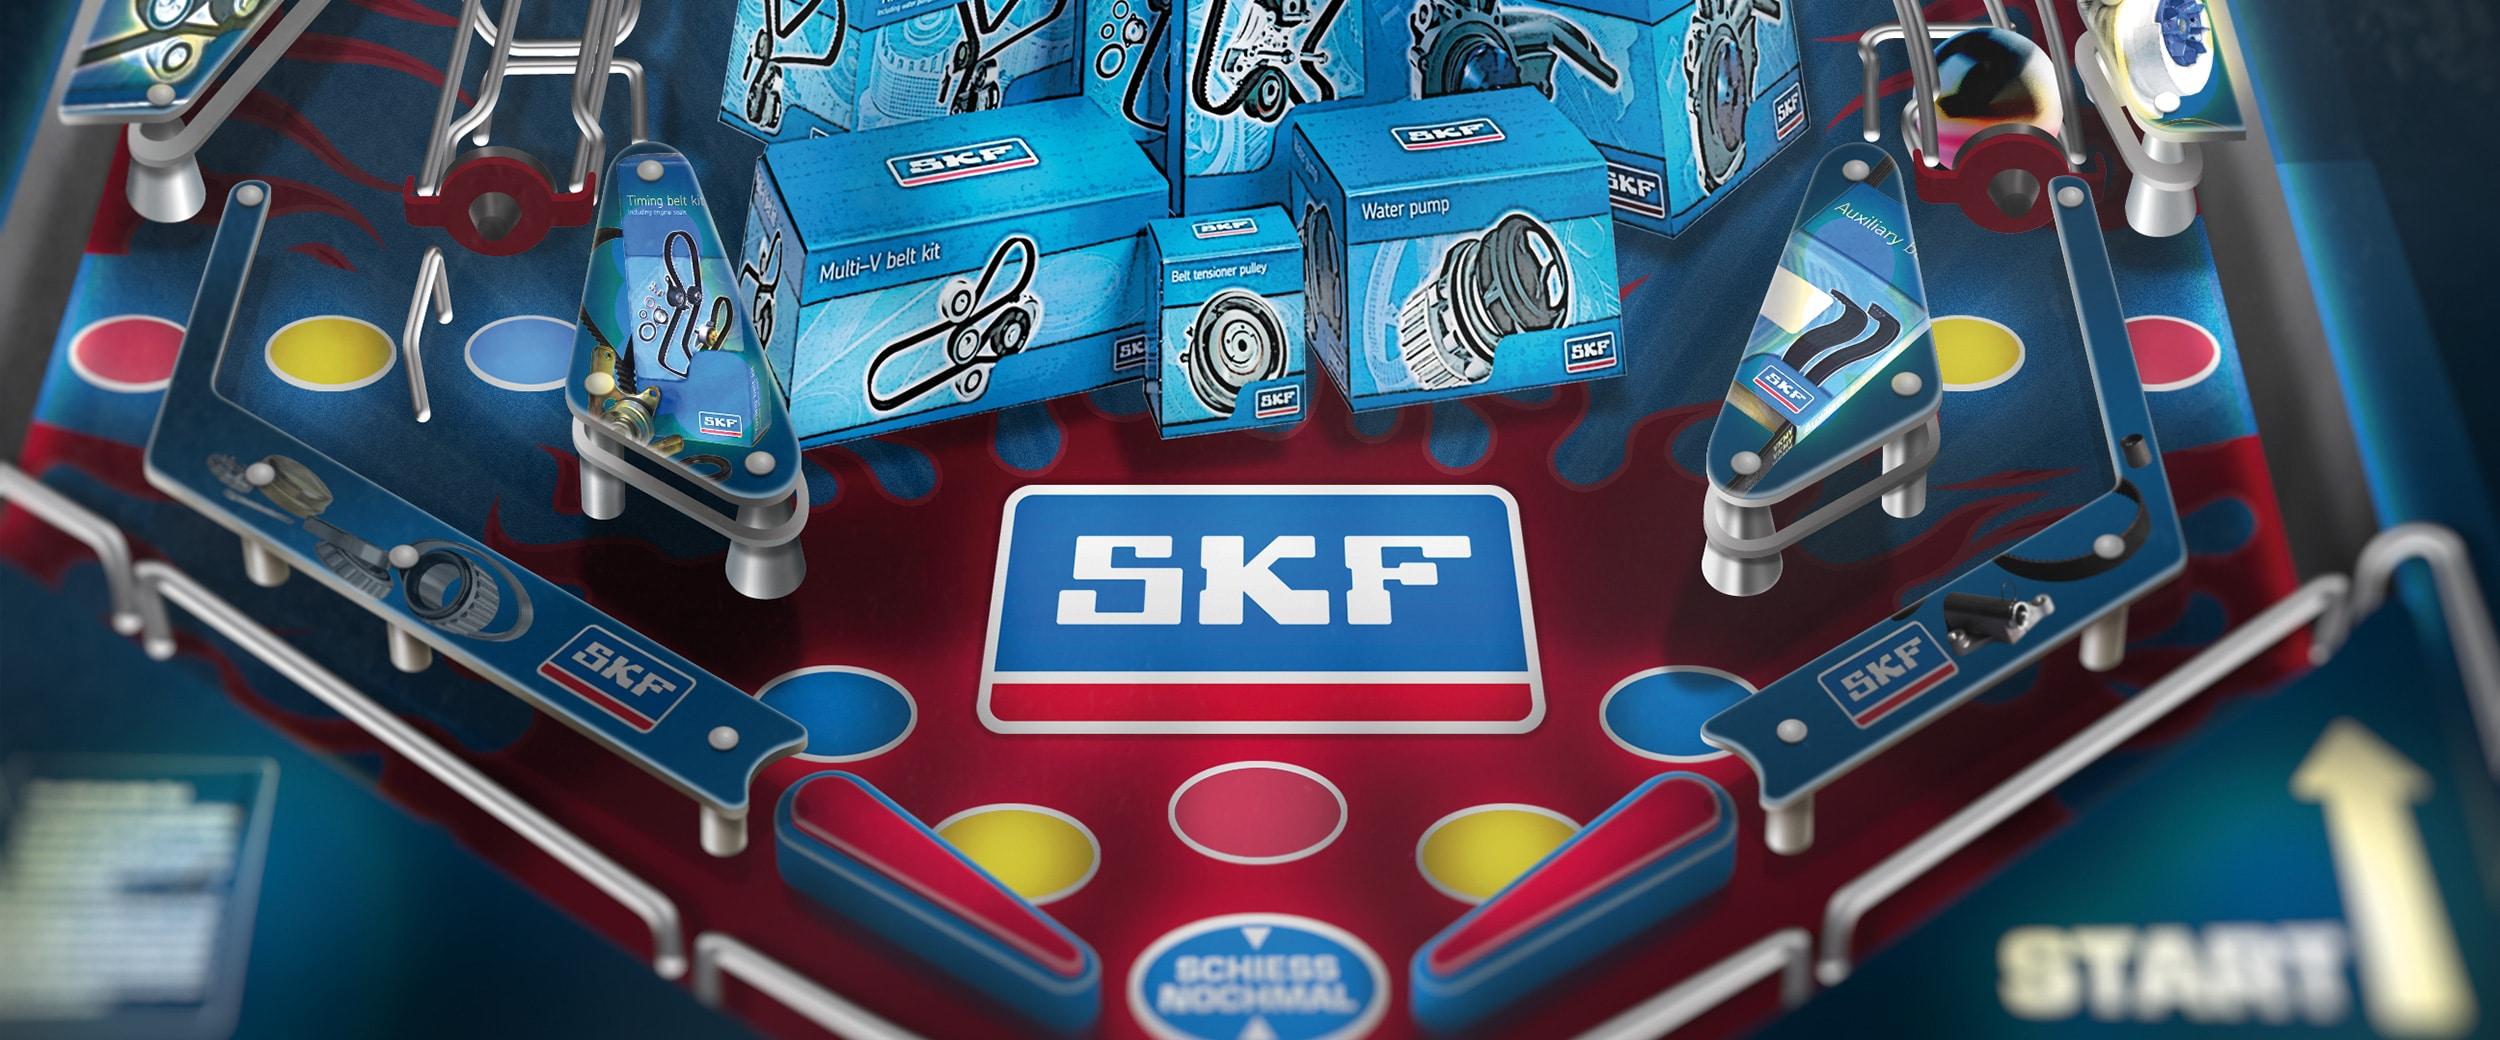 Zeichnung eines Flippers mit SKF-Logo.